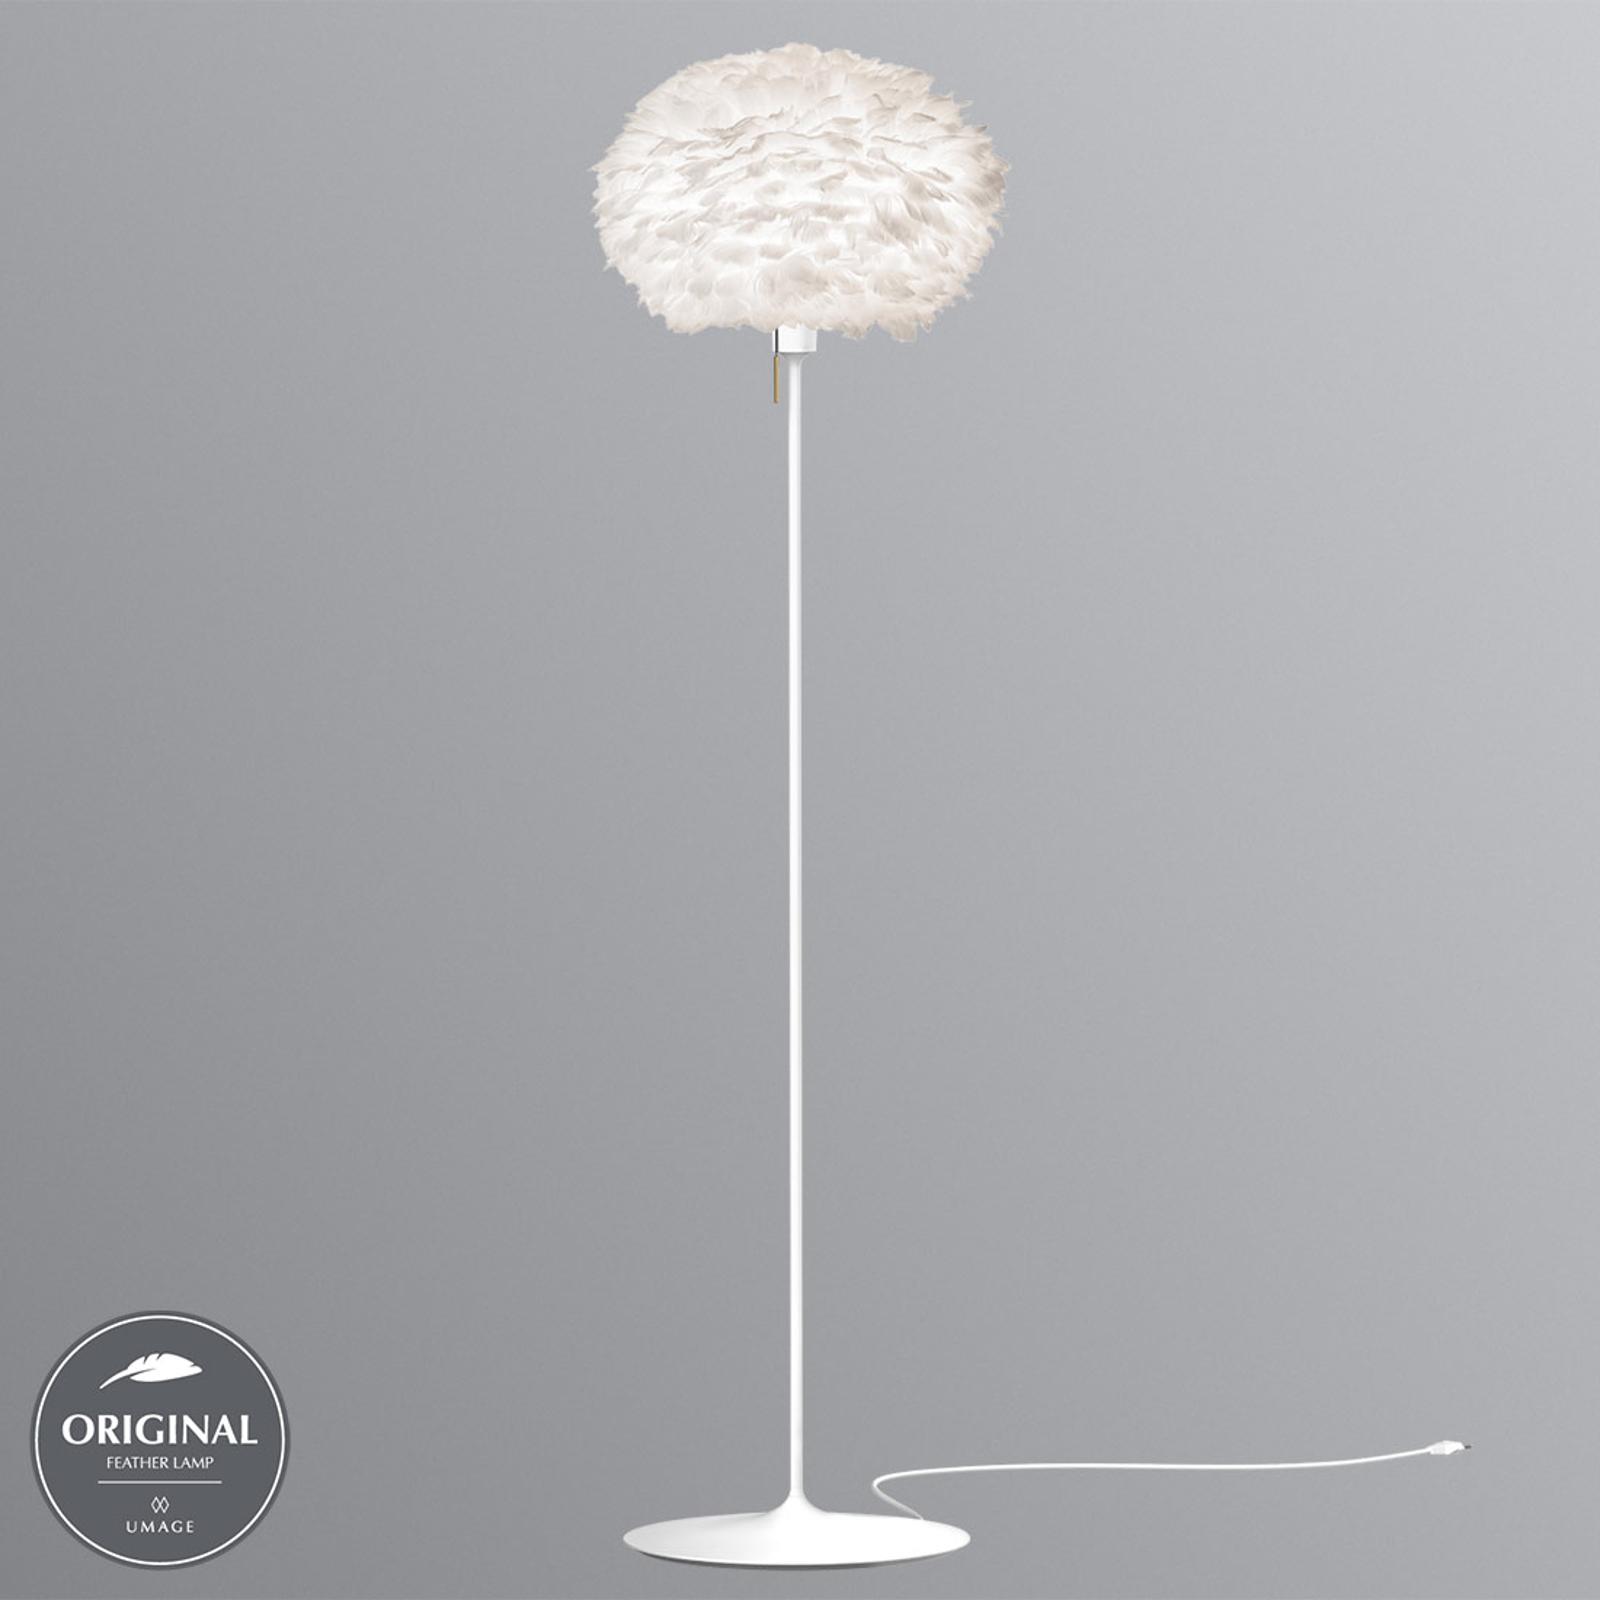 UMAGE Eos medium lampadaire en blanc